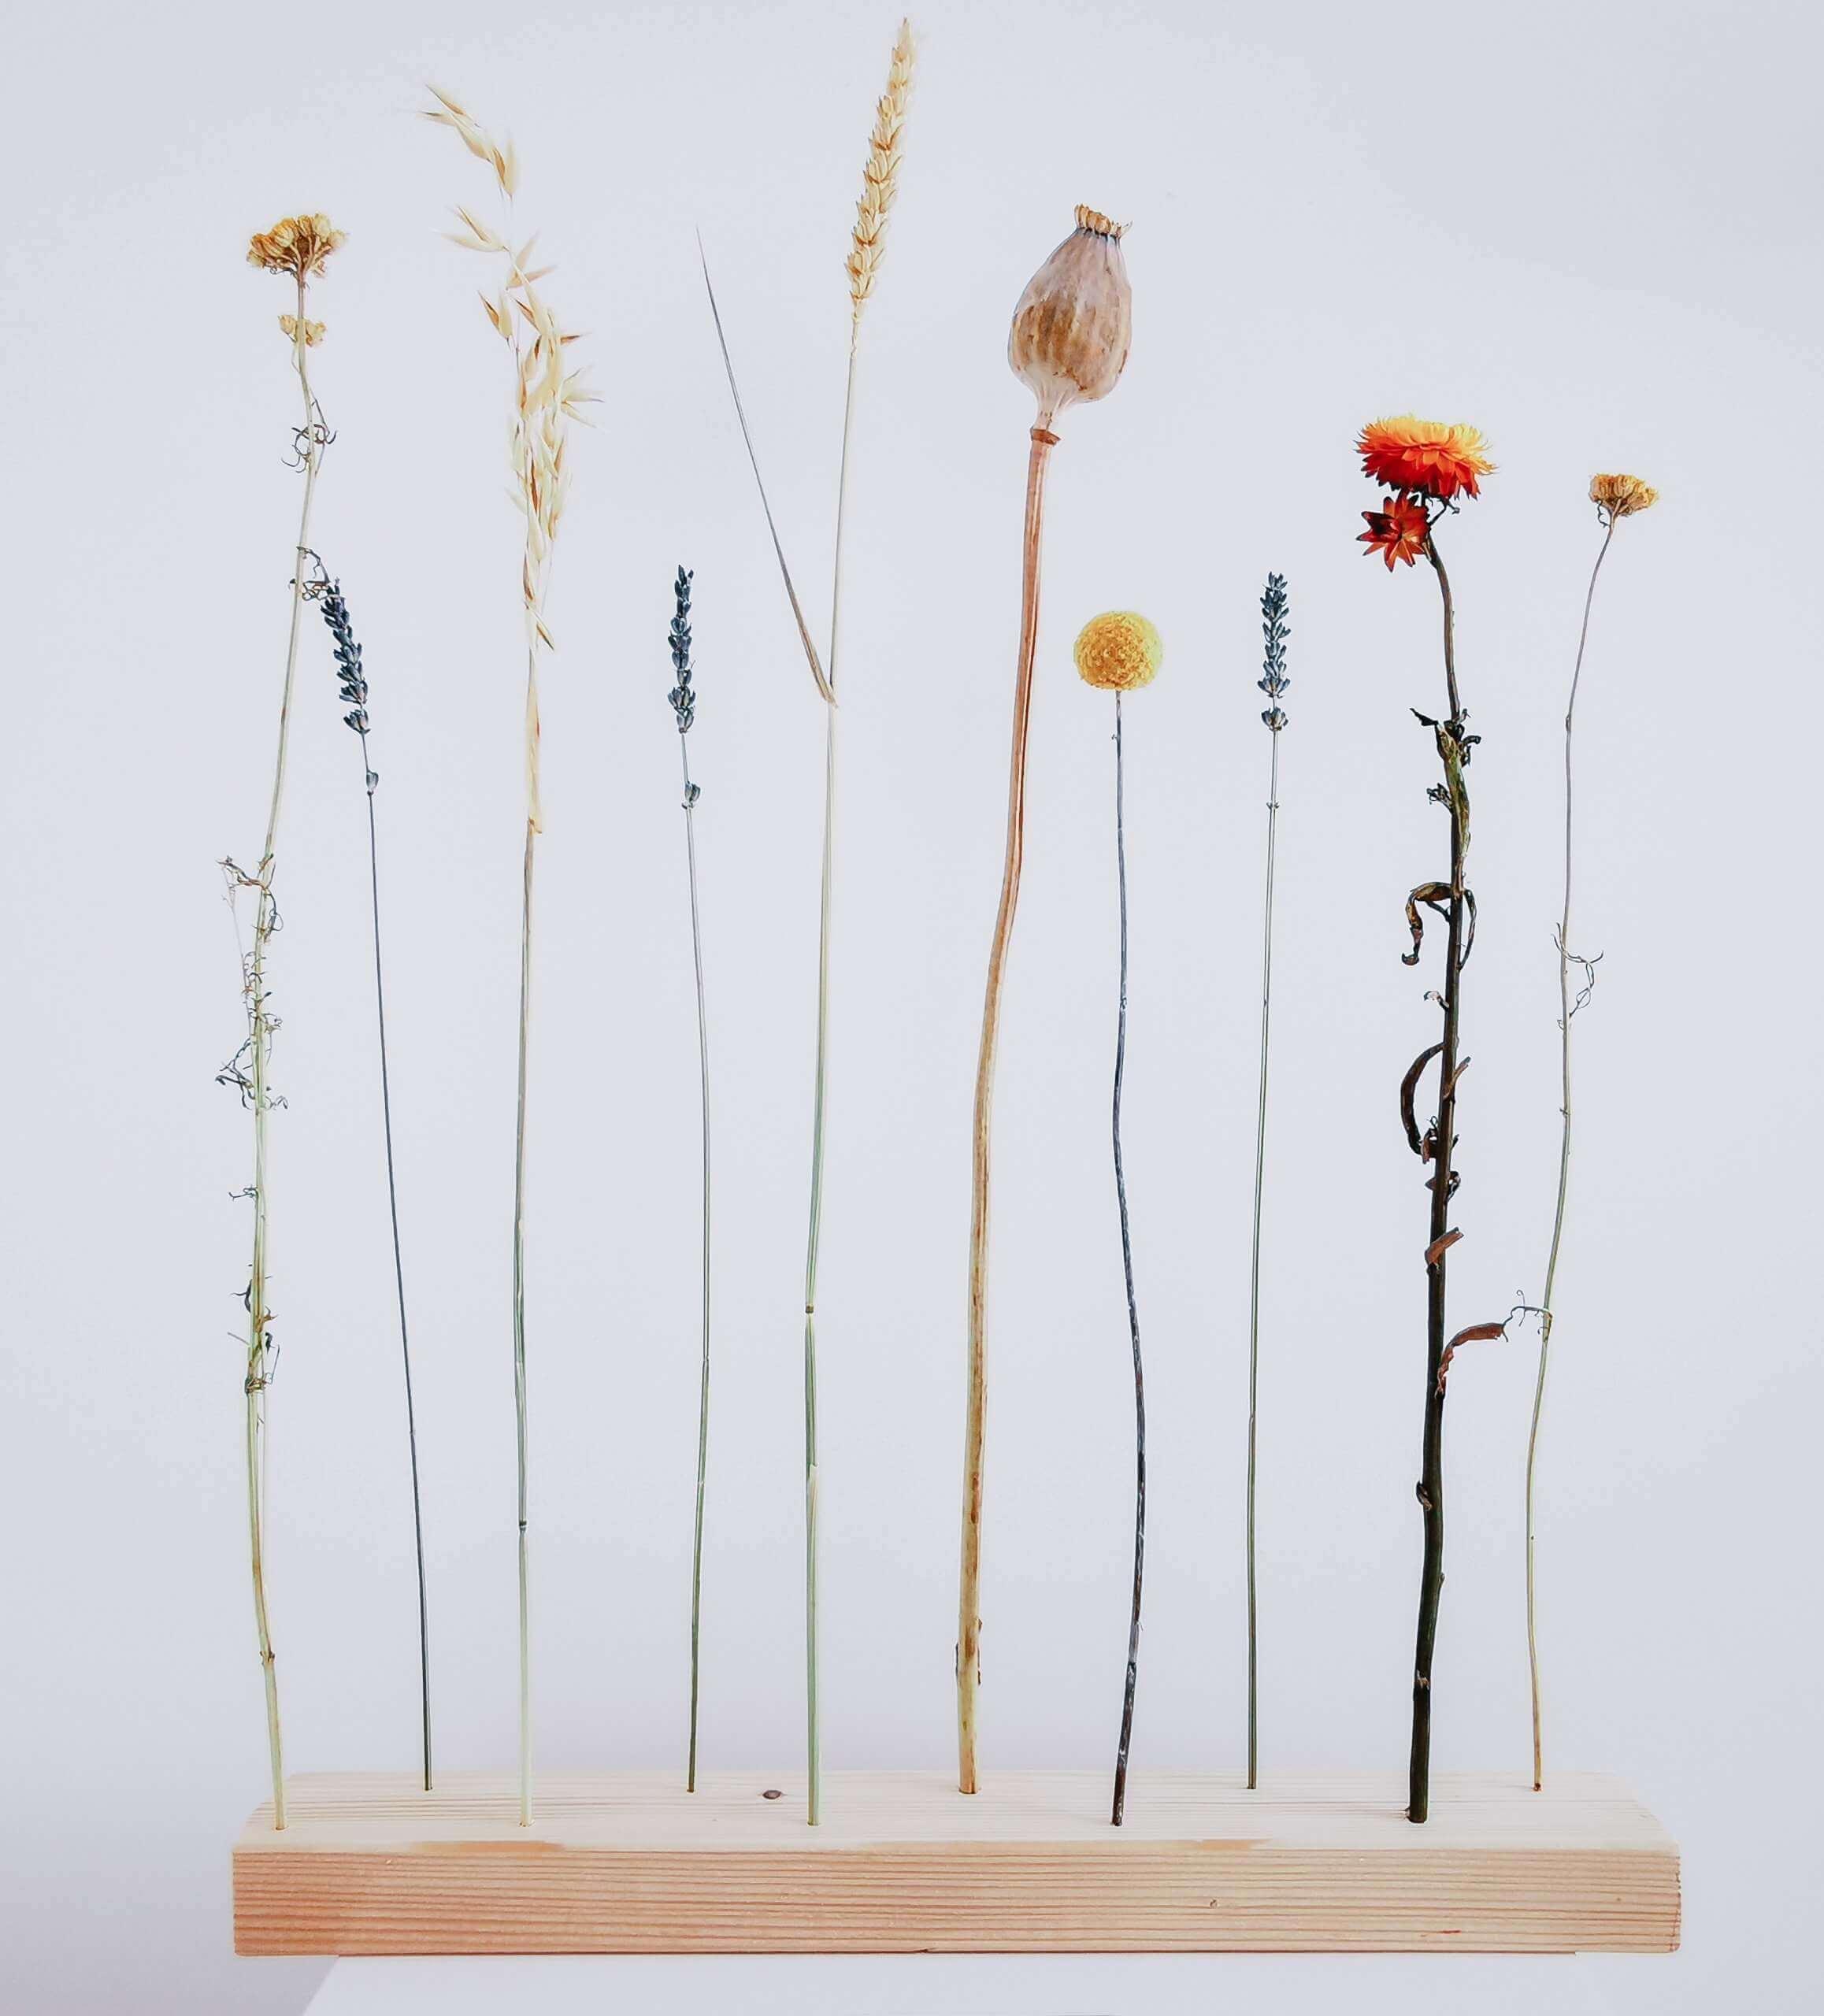 IMG 20200602 110643 01 scaled - DIY Blumendekoration zum Verlieben